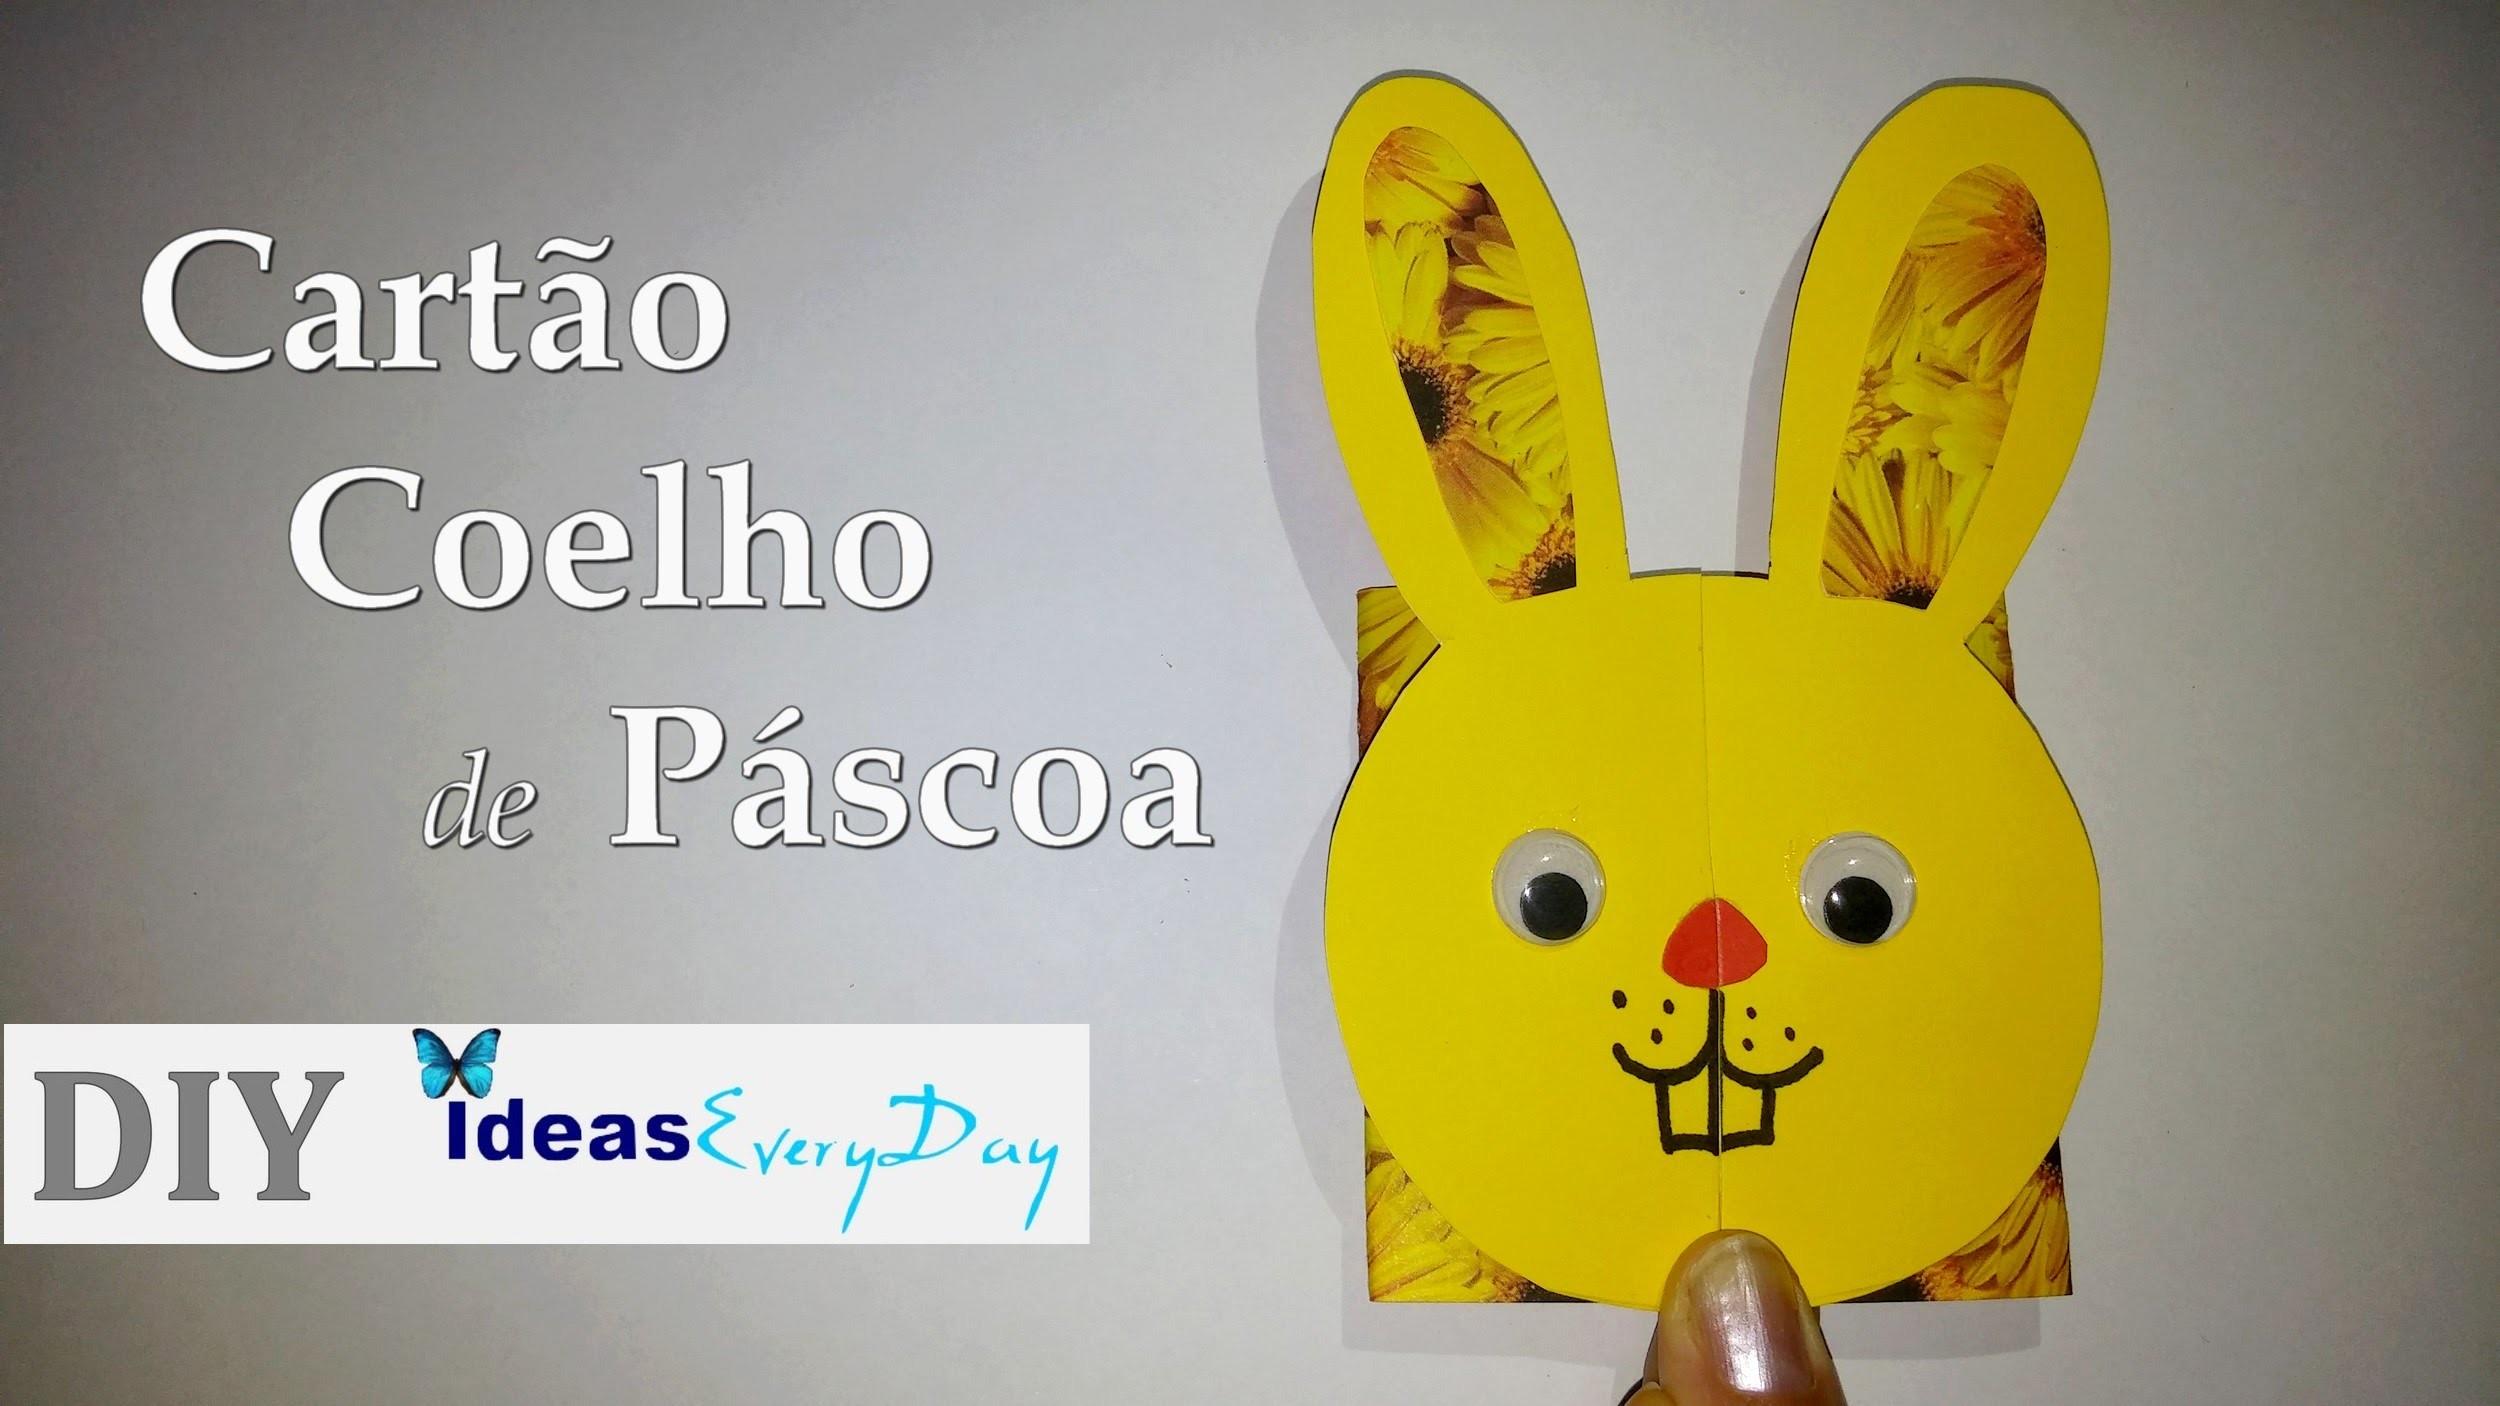 Cartão Coelho de Páscoa - DIY - Easter bunny card